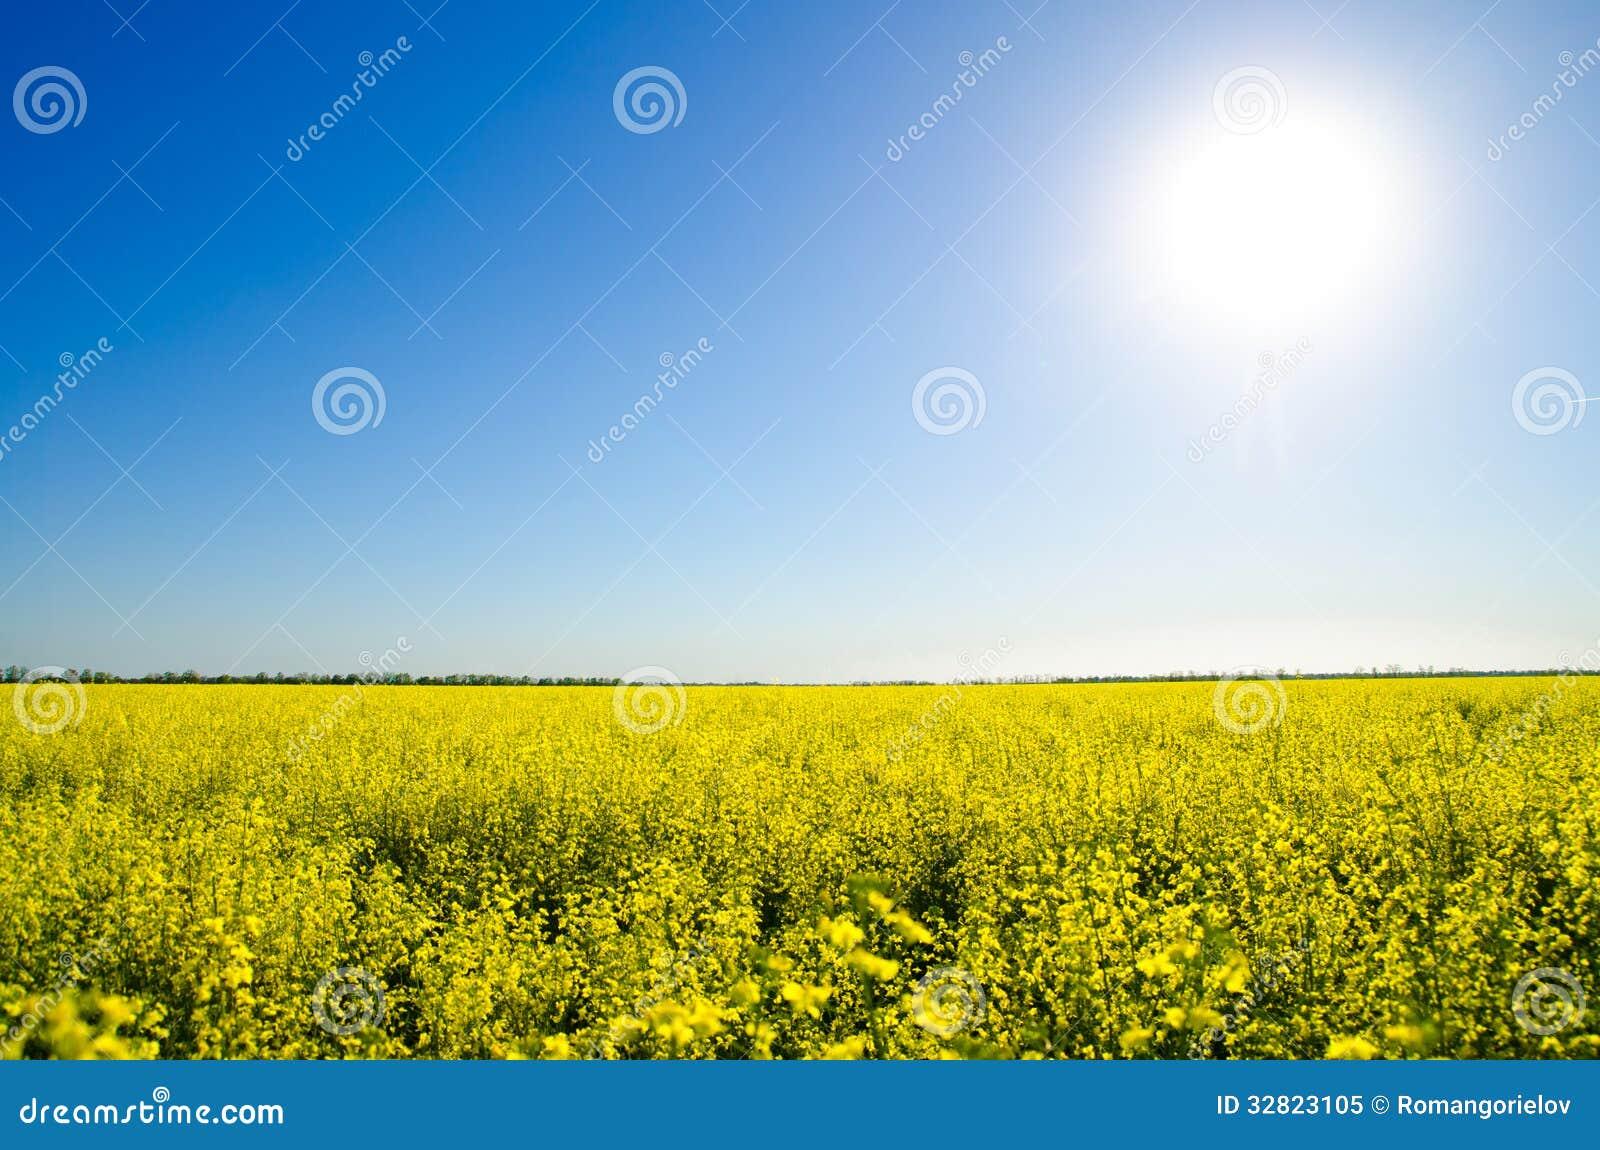 beautiful yellow field landscape - photo #12